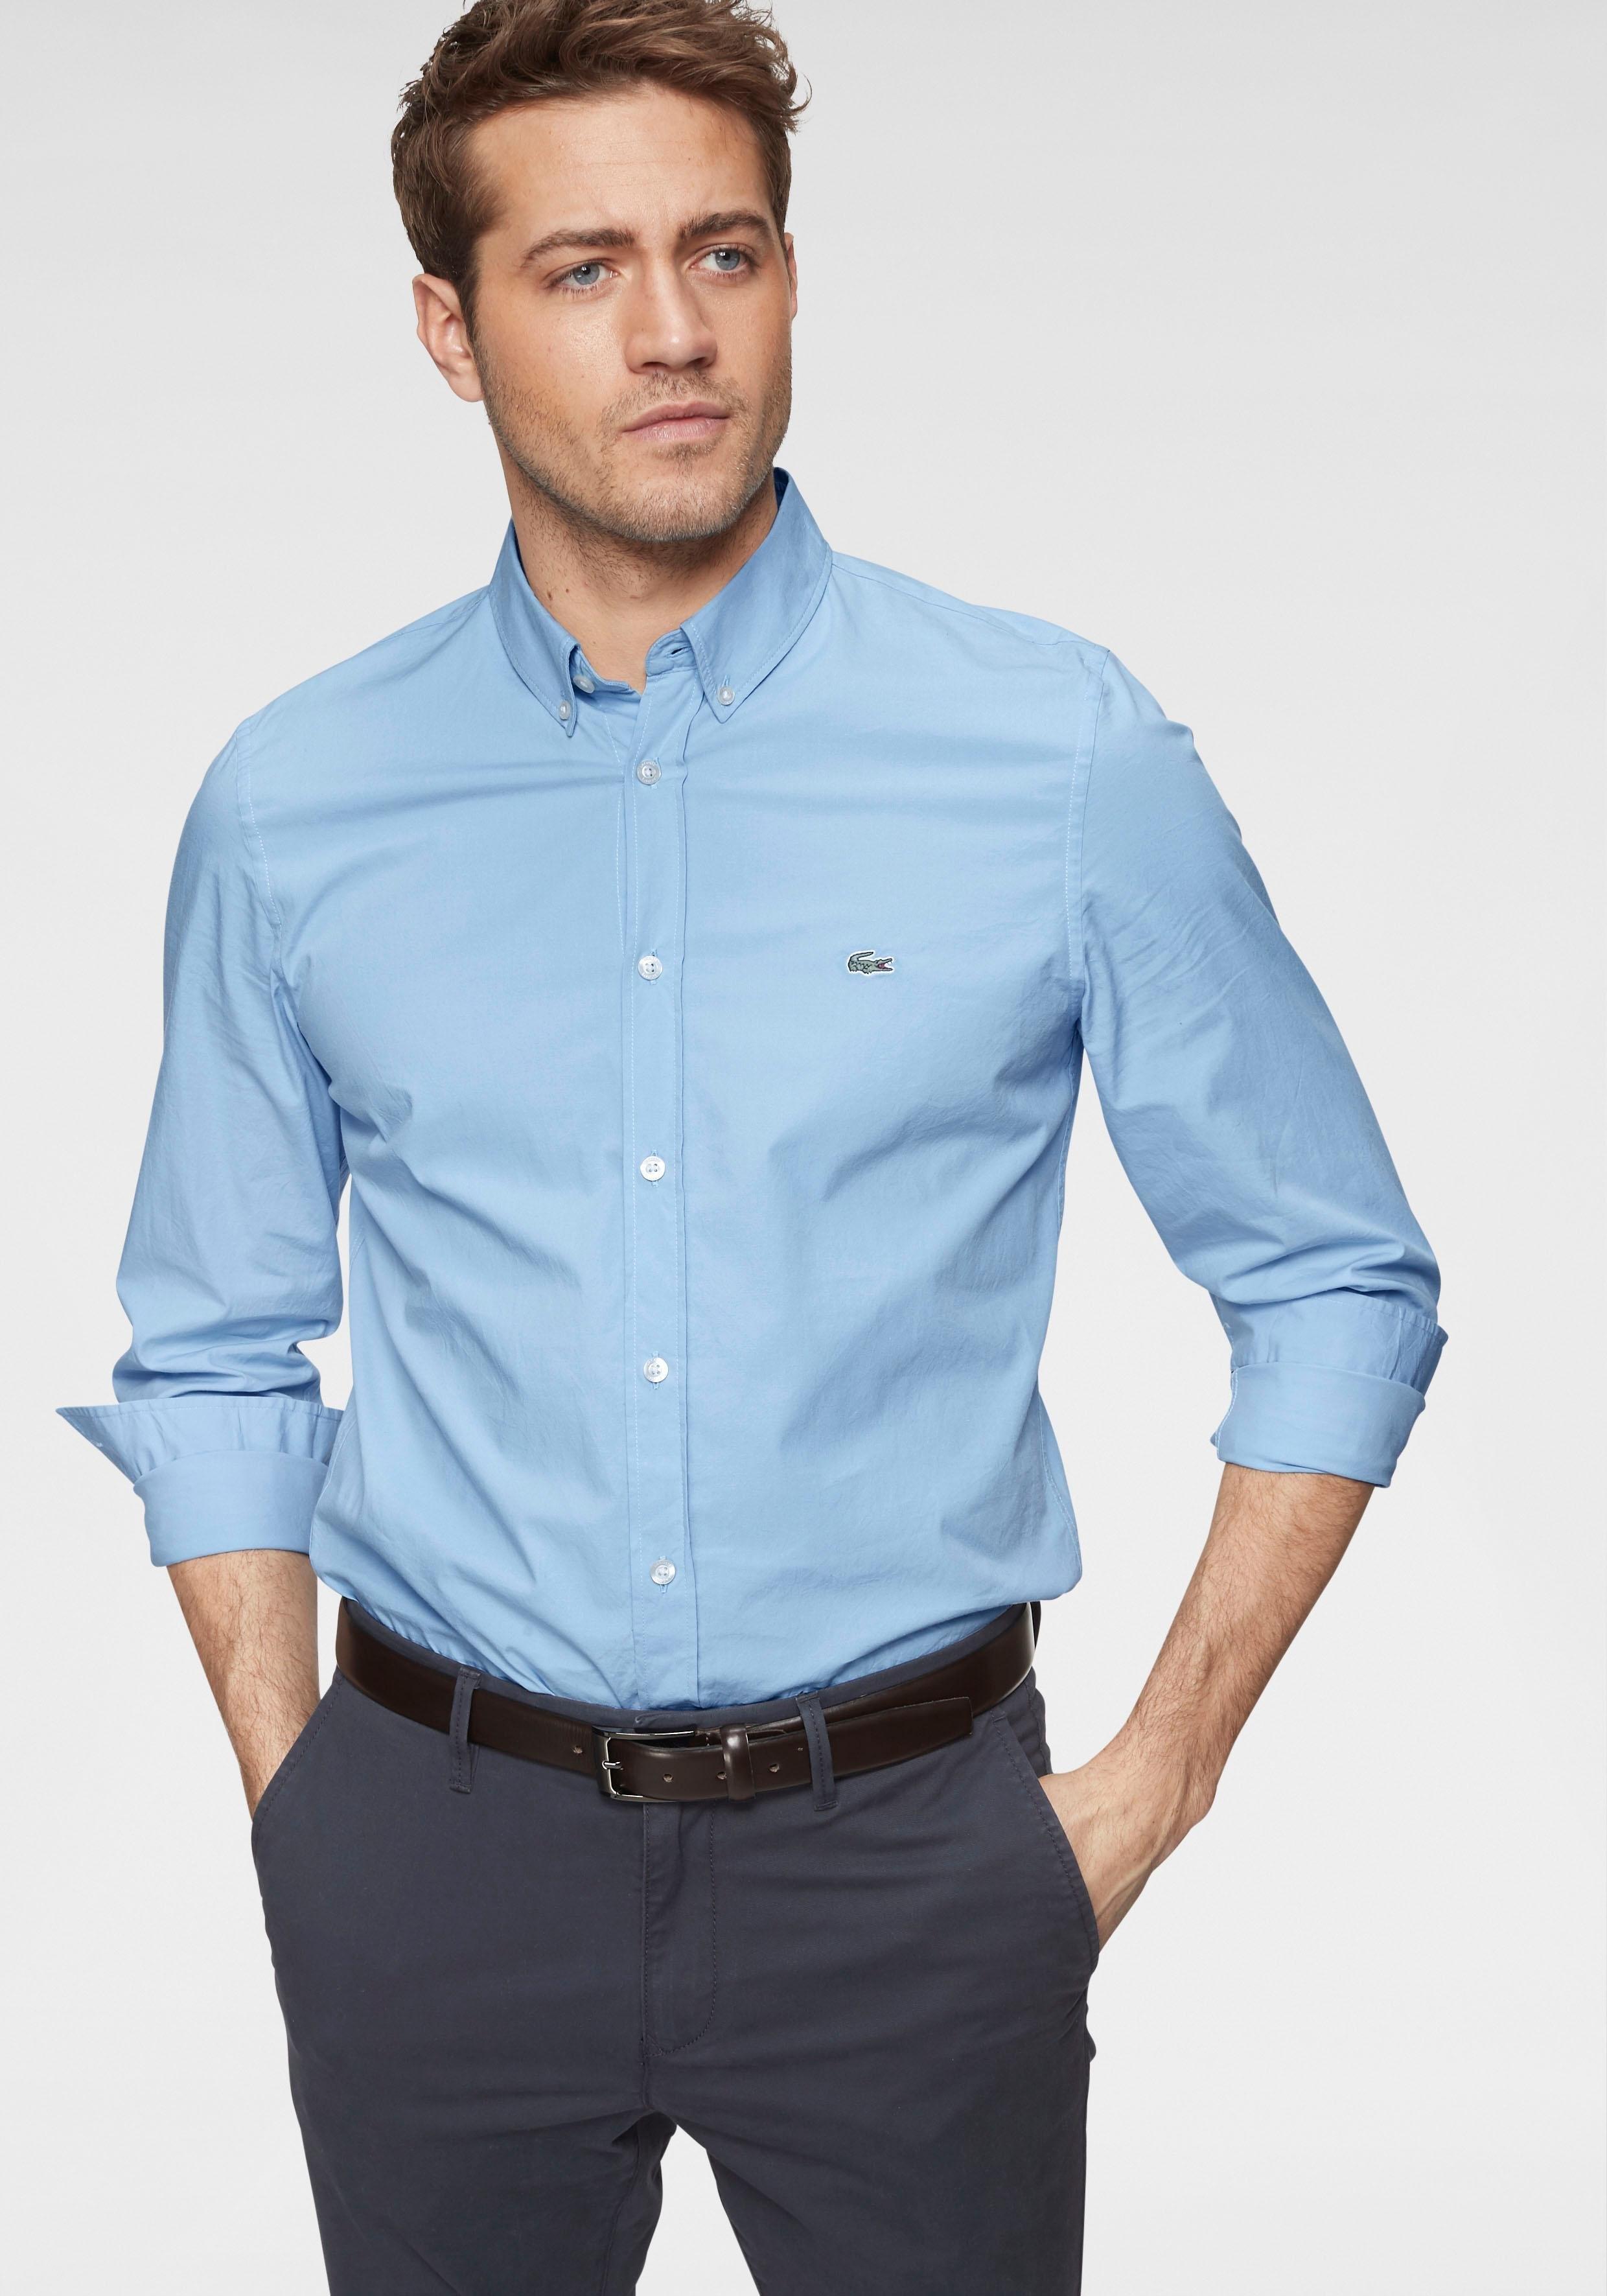 LACOSTE overhemd met lange mouwen goedkoop op otto.nl kopen